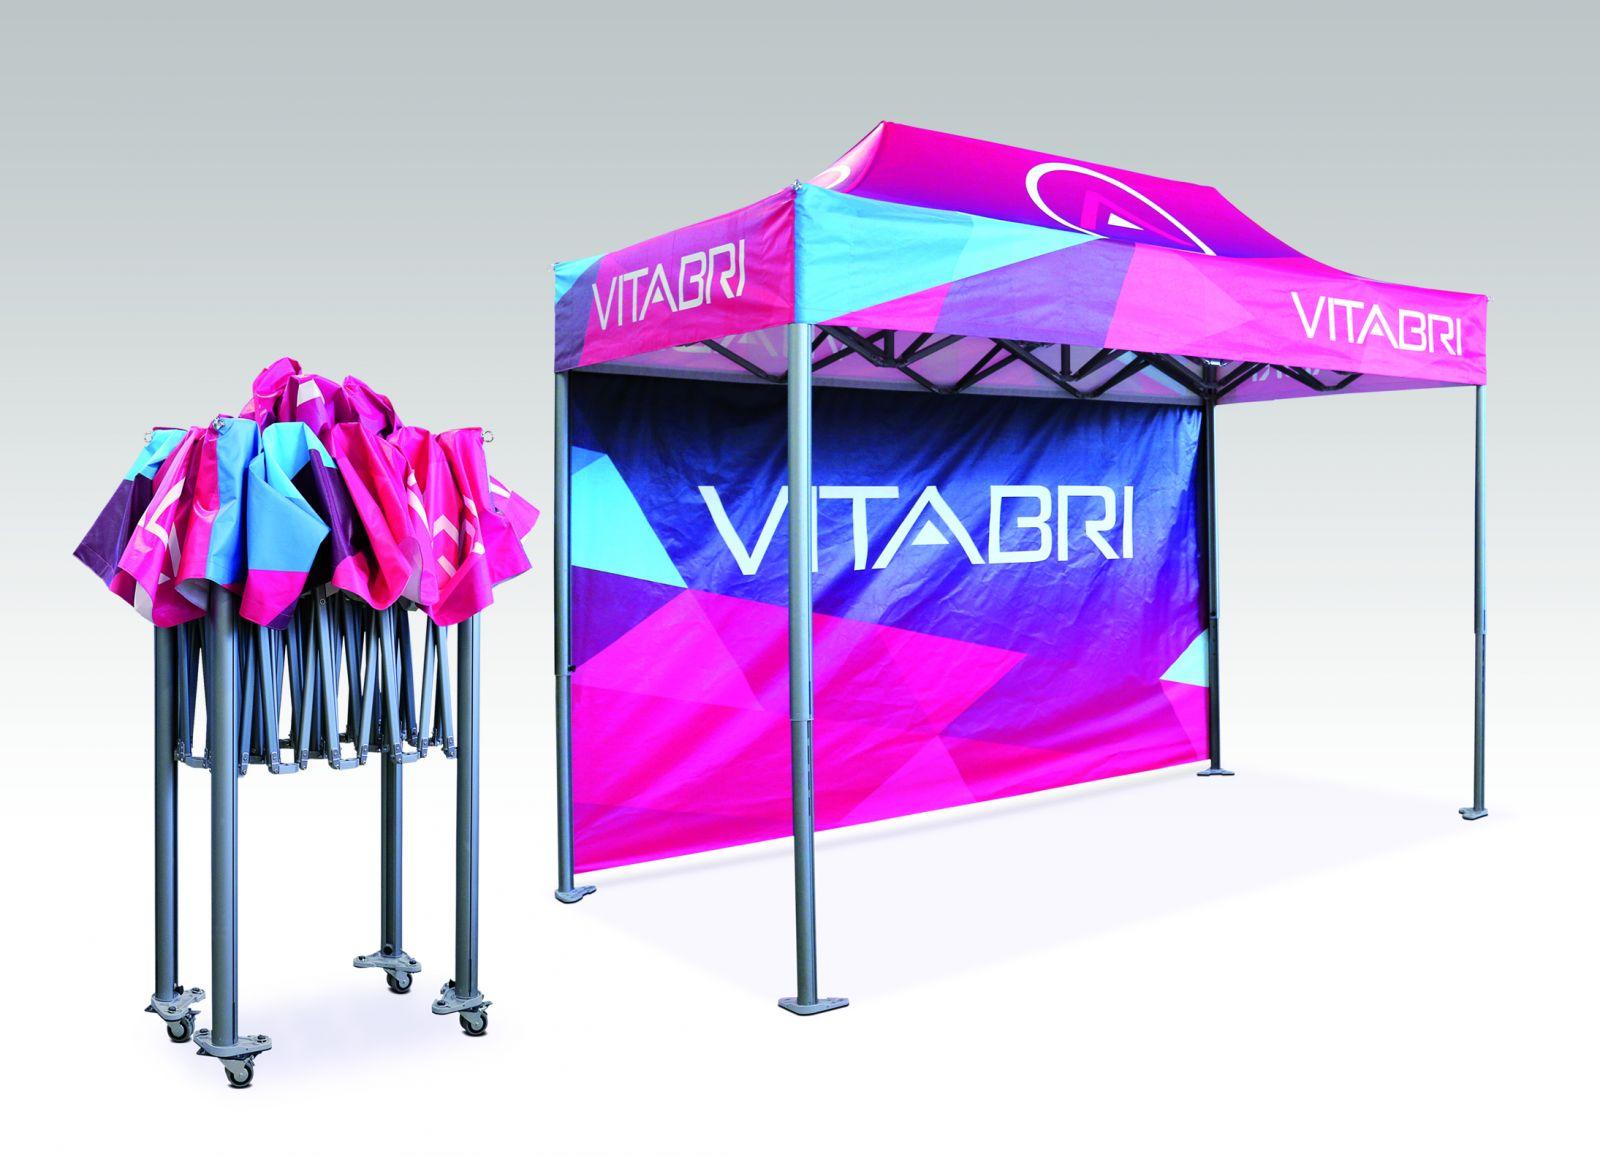 bienvenue vitabri's canopies - lance show & publications limited